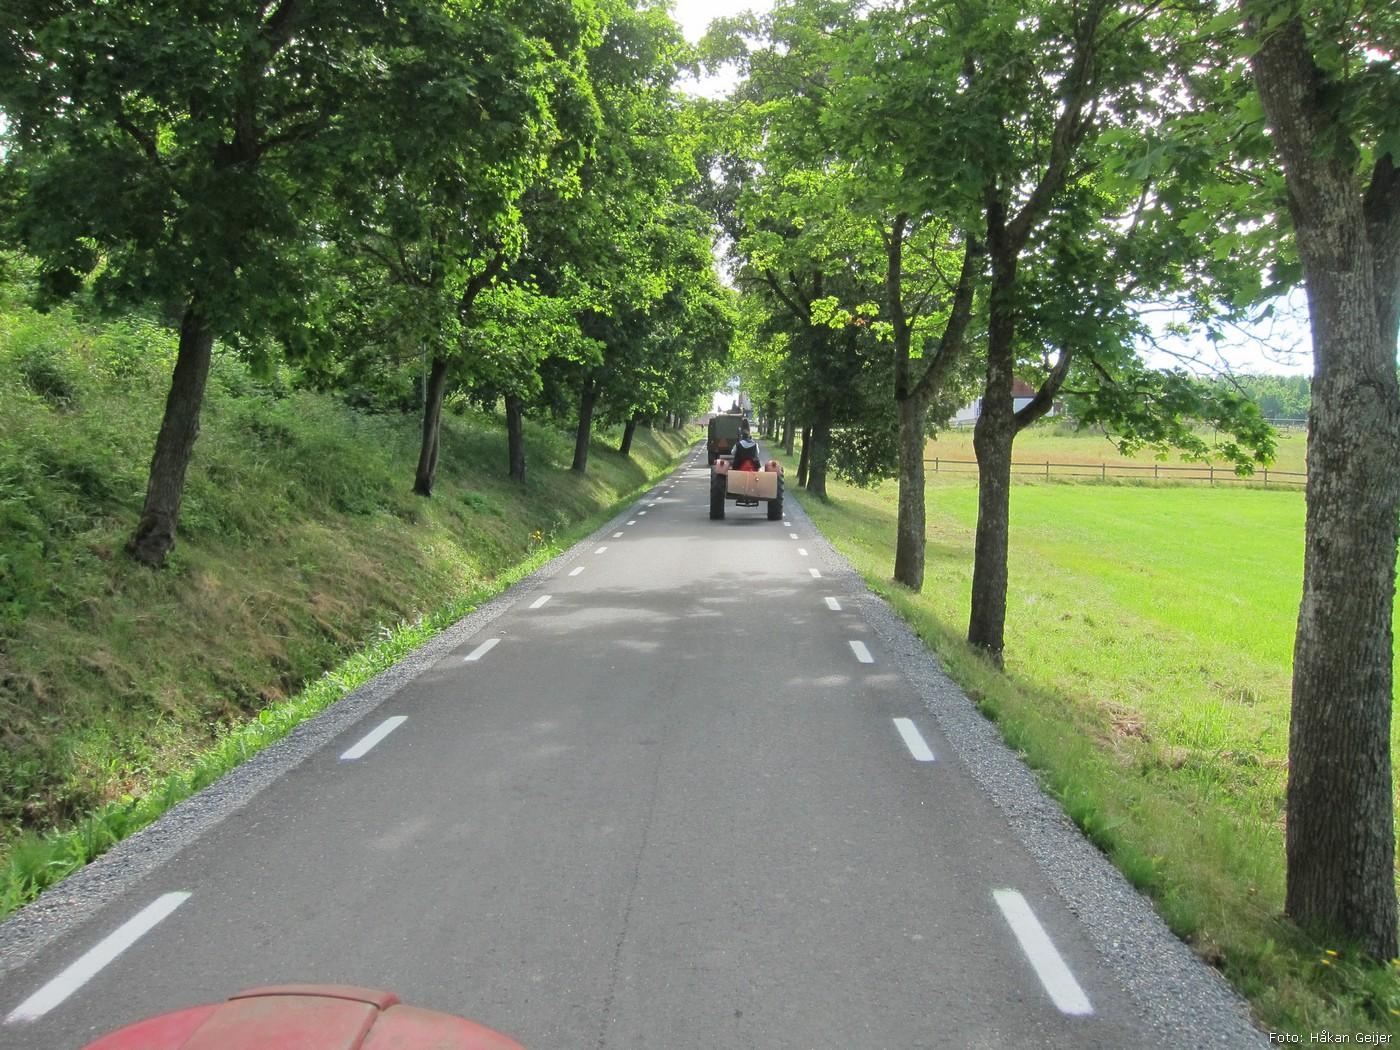 2013-07-20_005_Traktorresa